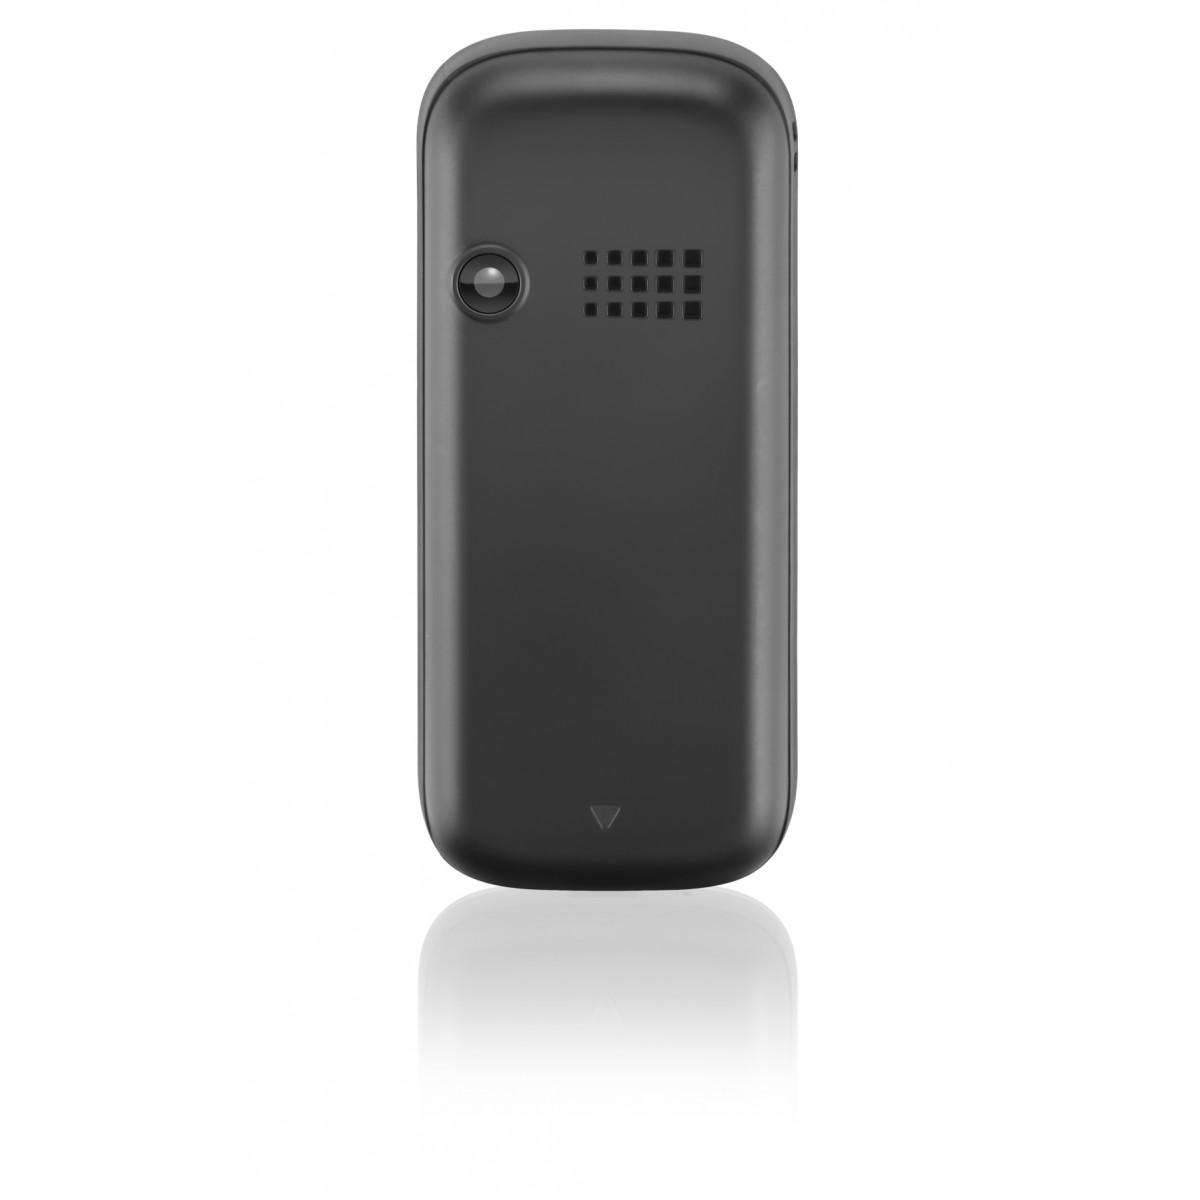 Celular UP P3198 3 Chips Quad MP3/MP4 Cinza